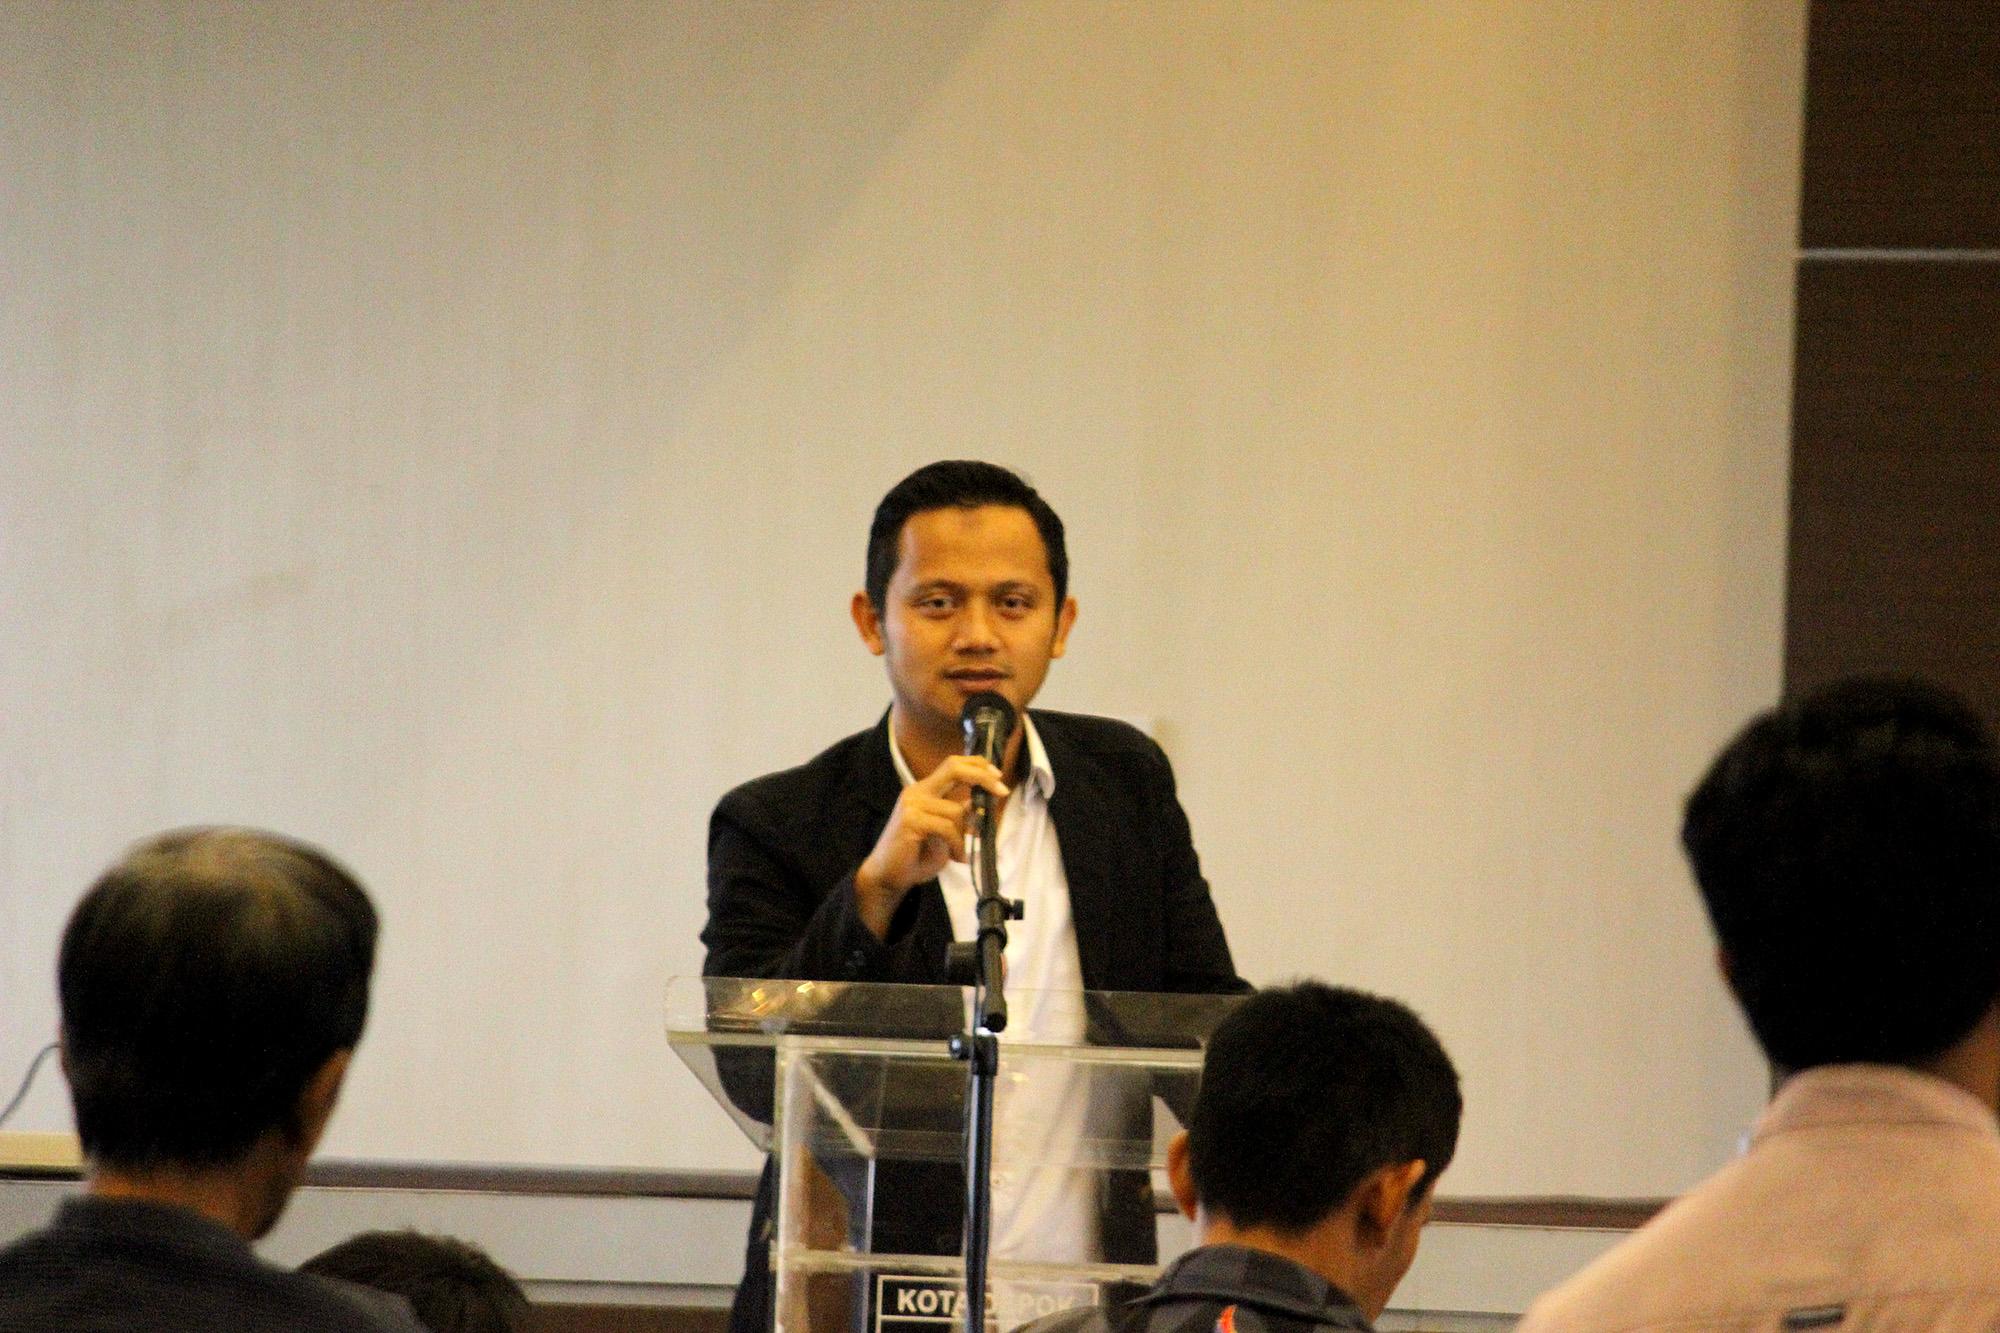 sambutan Arif Kurniawan calon tunggal ketua asosiasi futsal kota Depok  di acara Kongres sabtu (19/01/19)